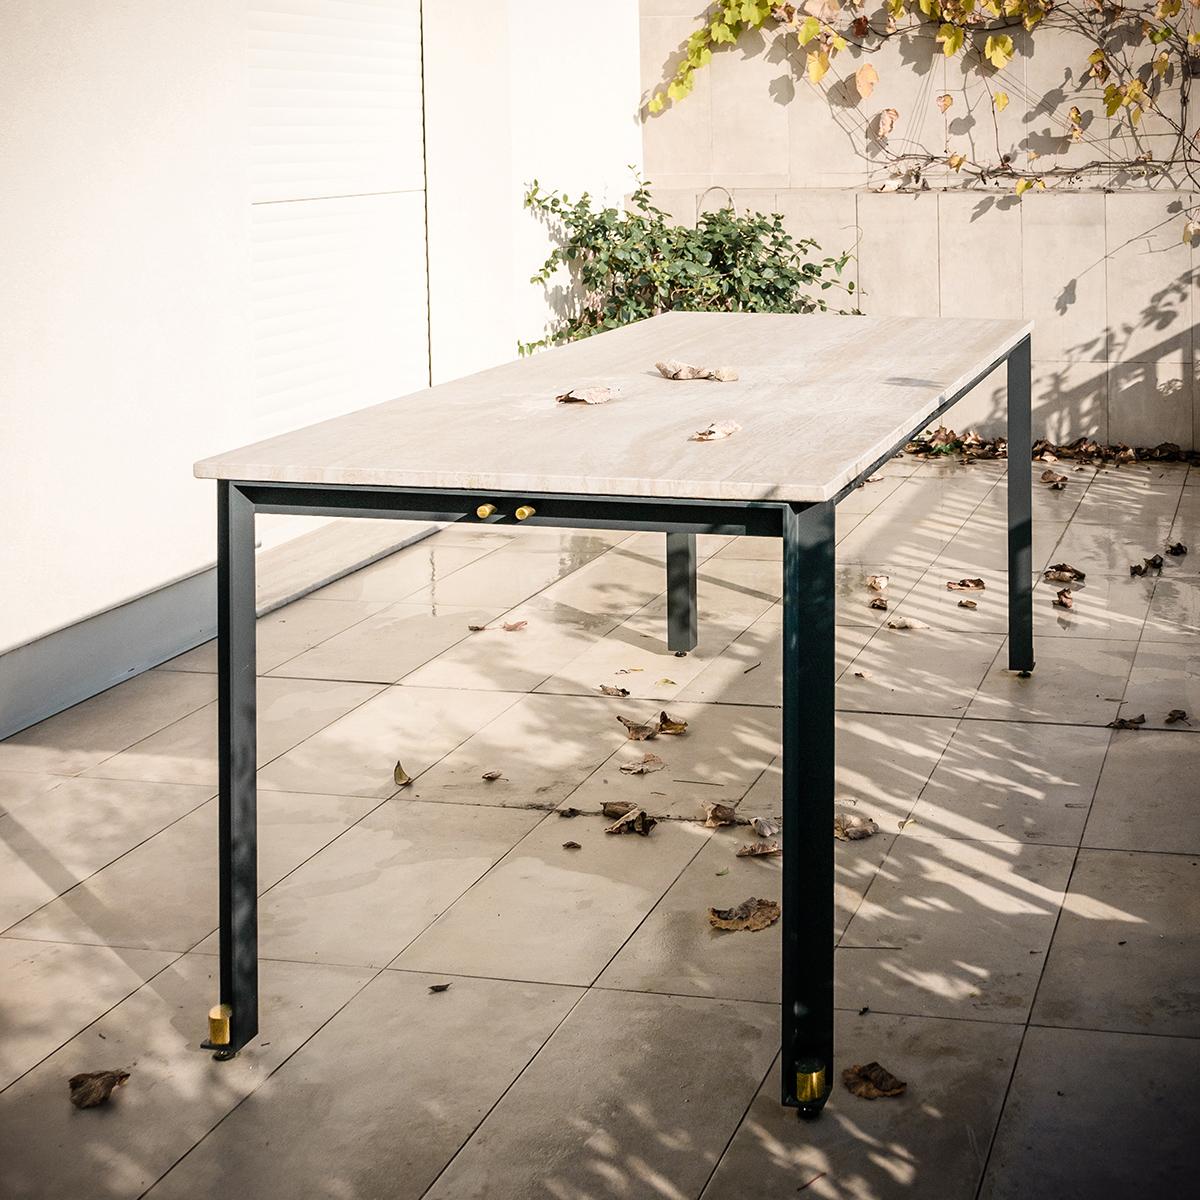 DUCA è un tavolo composto da tre elementi: un piano di marmo, una linea ininterrotta di metallo, e una serie coordinata di dettagli a impreziosirlo. Un piccolo capolavoro disponibile su misura e in diverse varianti, coordinate, per interni e esterni | una presenza statuaria | Bottega di Architettura | (c) Carlo Deregibus